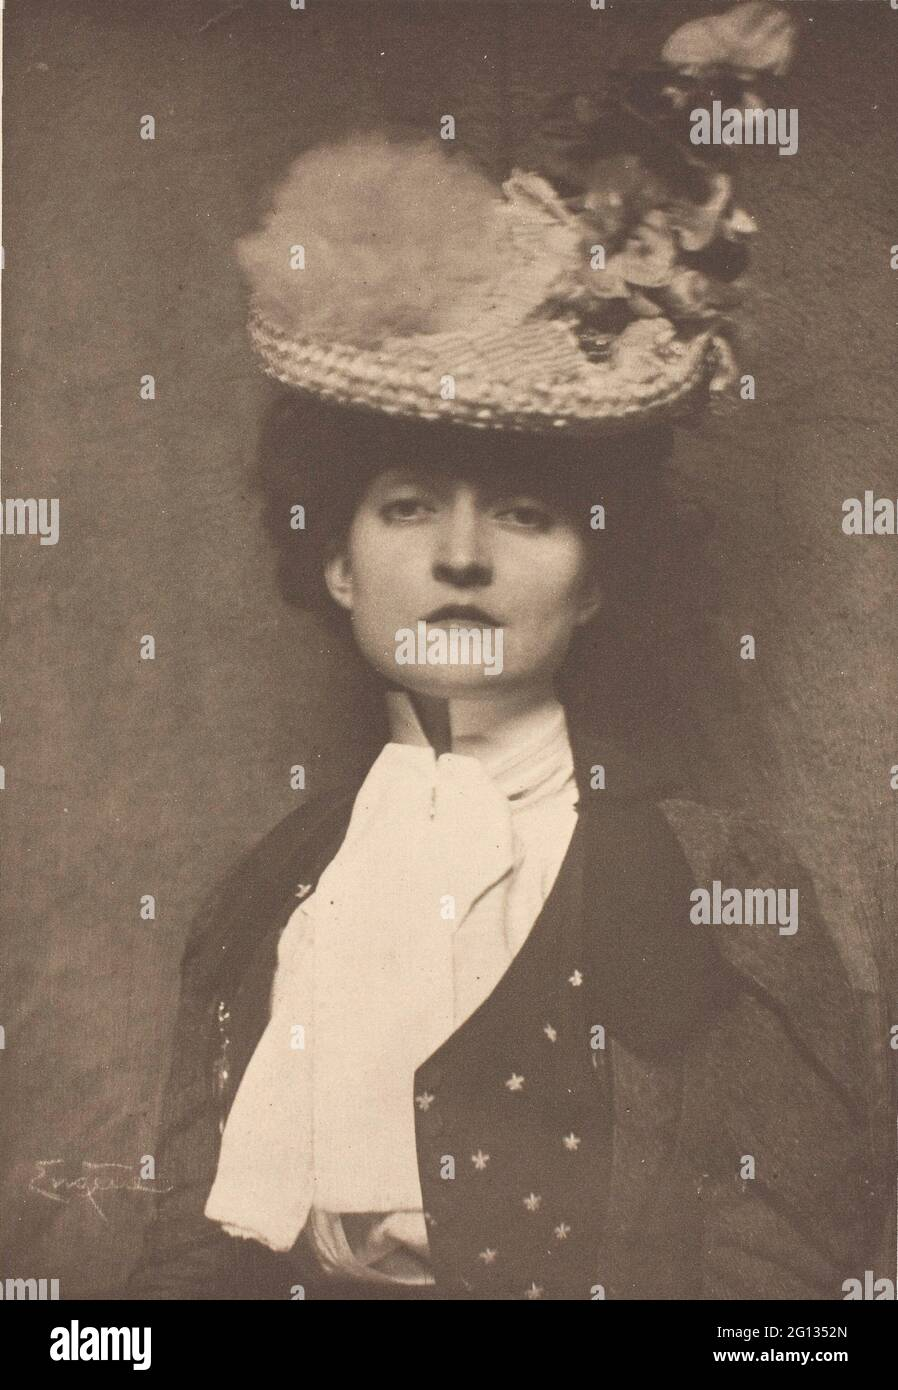 Auteur: Frank Eugene. Portrait de Mlle Jones - c. 1899 - Frank Eugene American, 1865 - 1936. Photogravure, n° 4 du portefeuille - - américain Banque D'Images